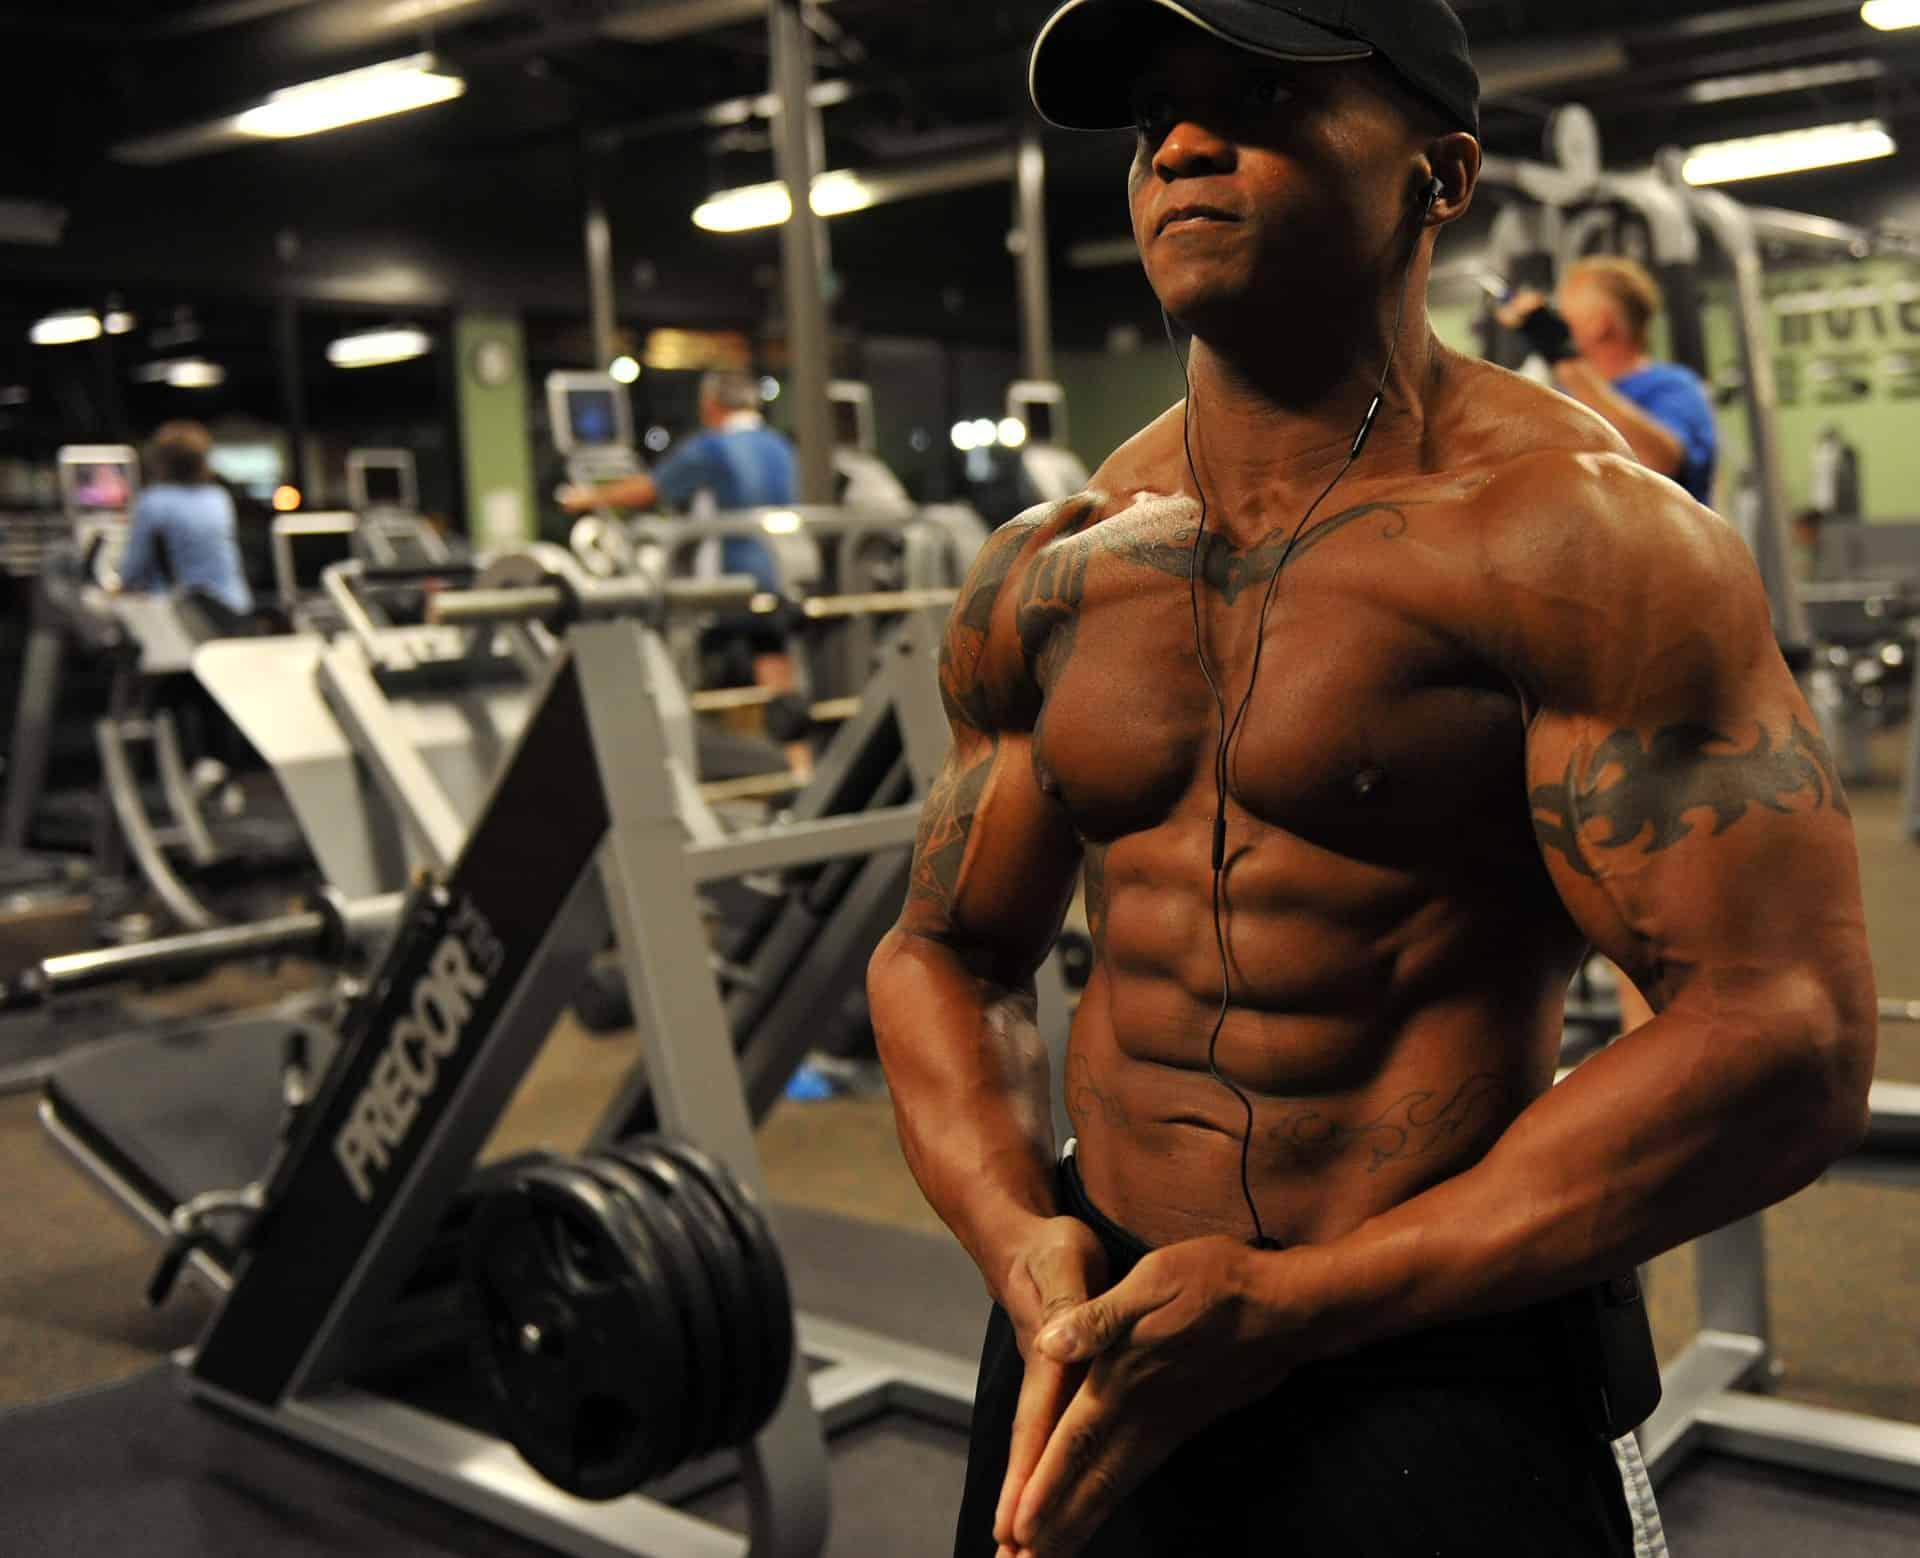 Gewichtsmanschetten: Test & Empfehlungen (07/20)